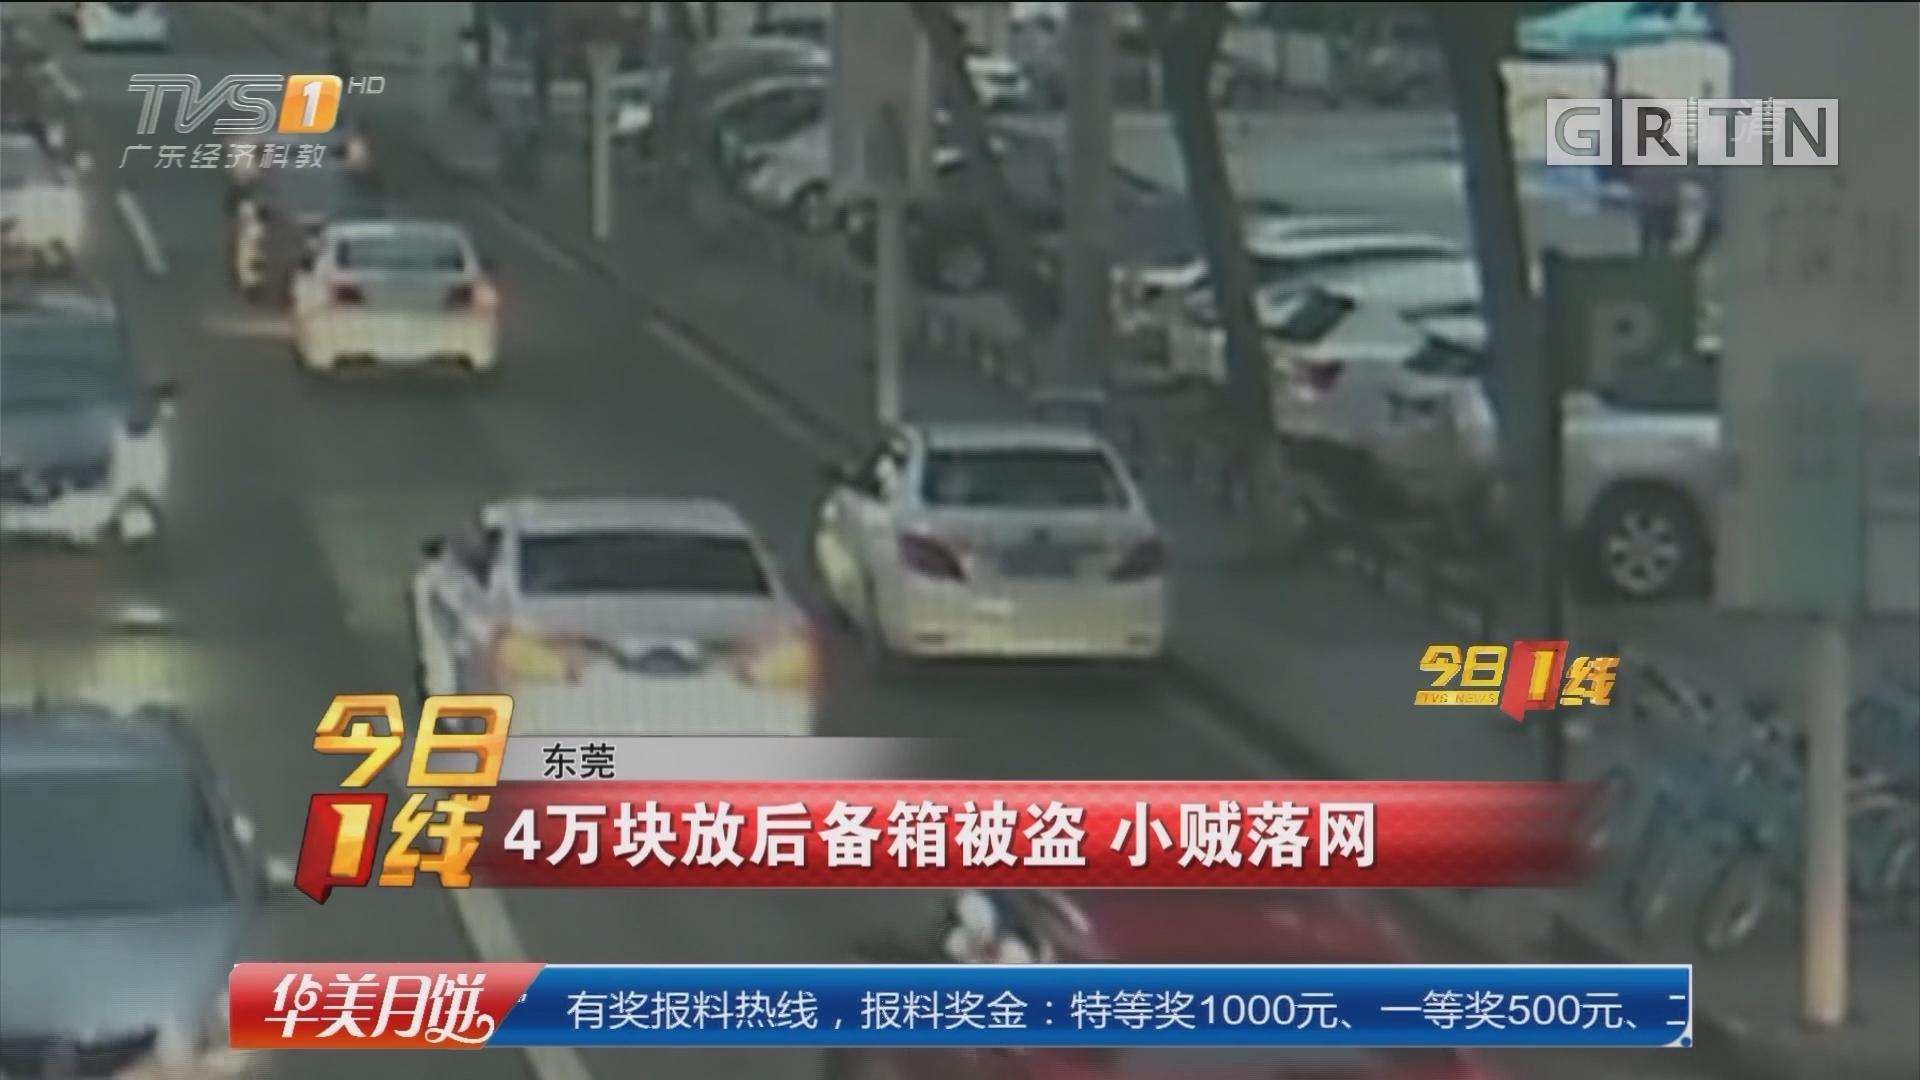 东莞:4万块放后备箱被盗 小贼落网